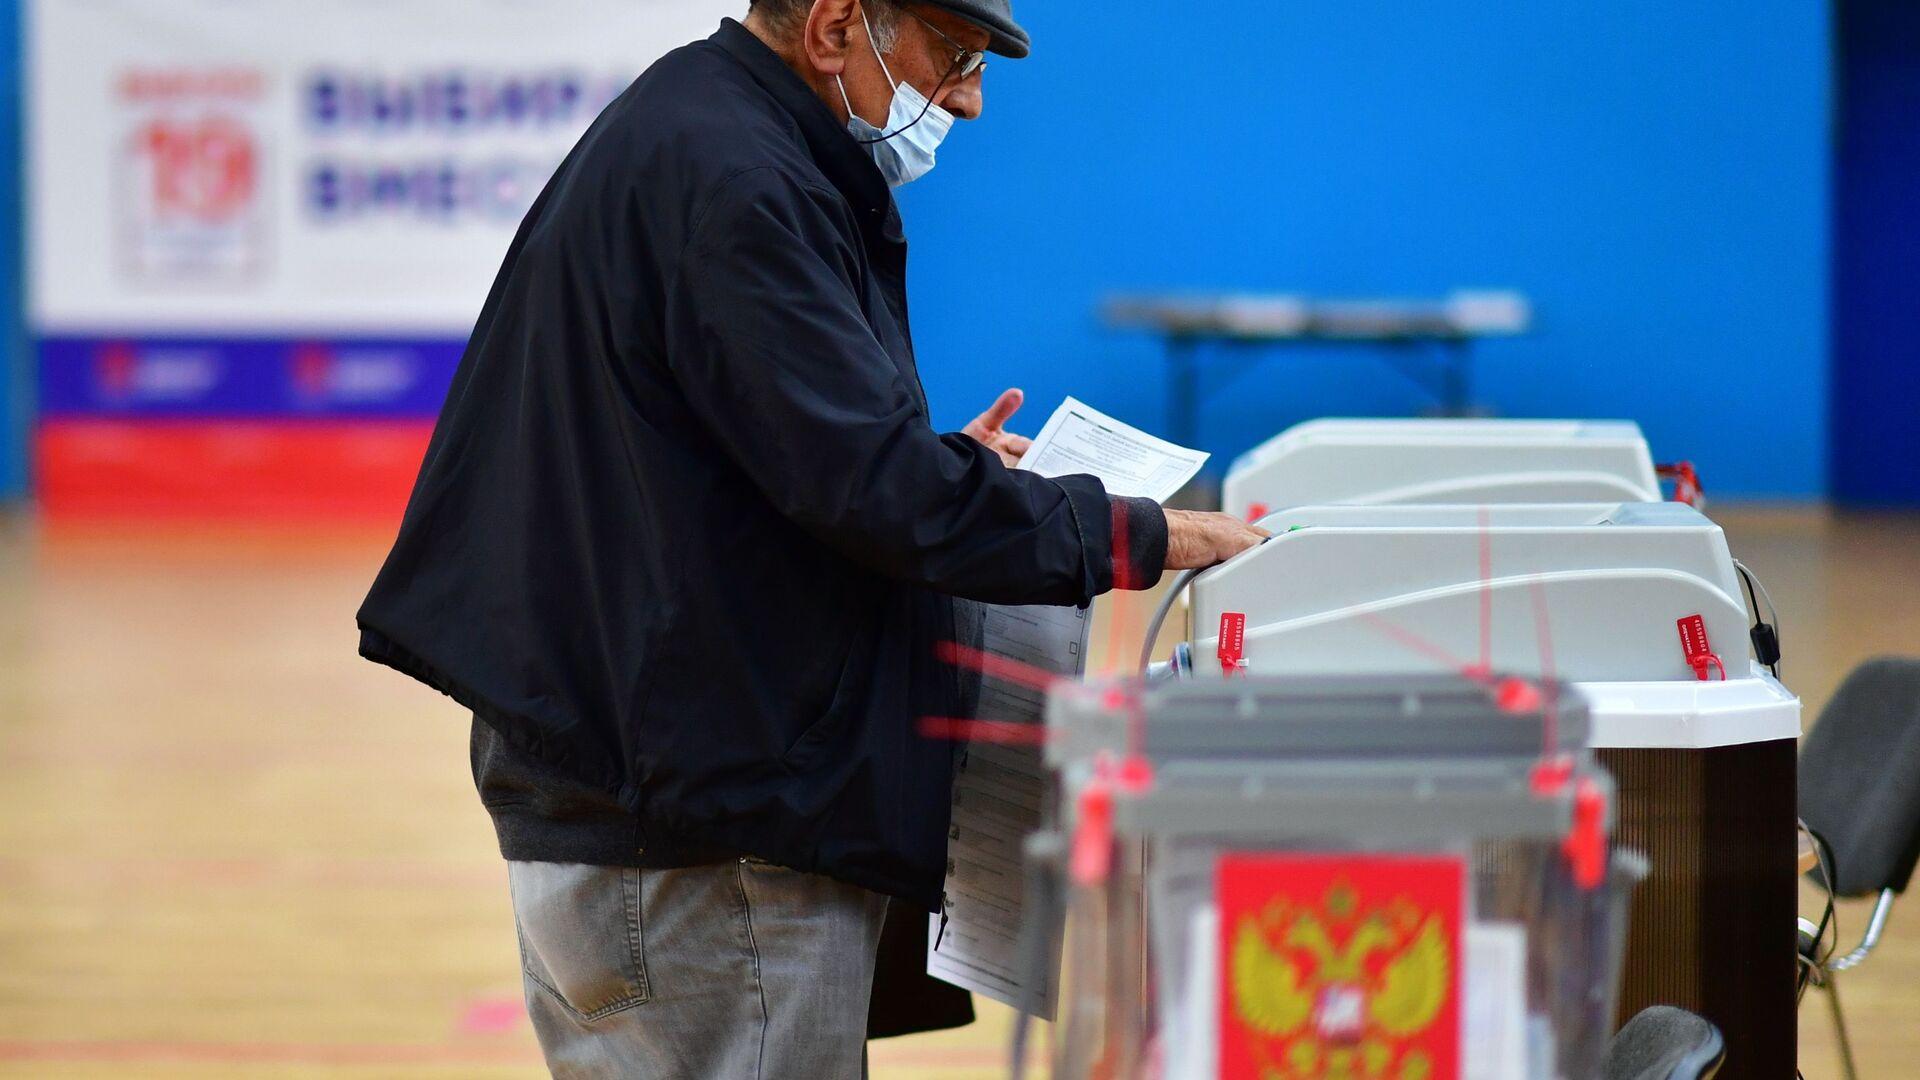 Единый день голосования в  России - Sputnik Азербайджан, 1920, 28.09.2021